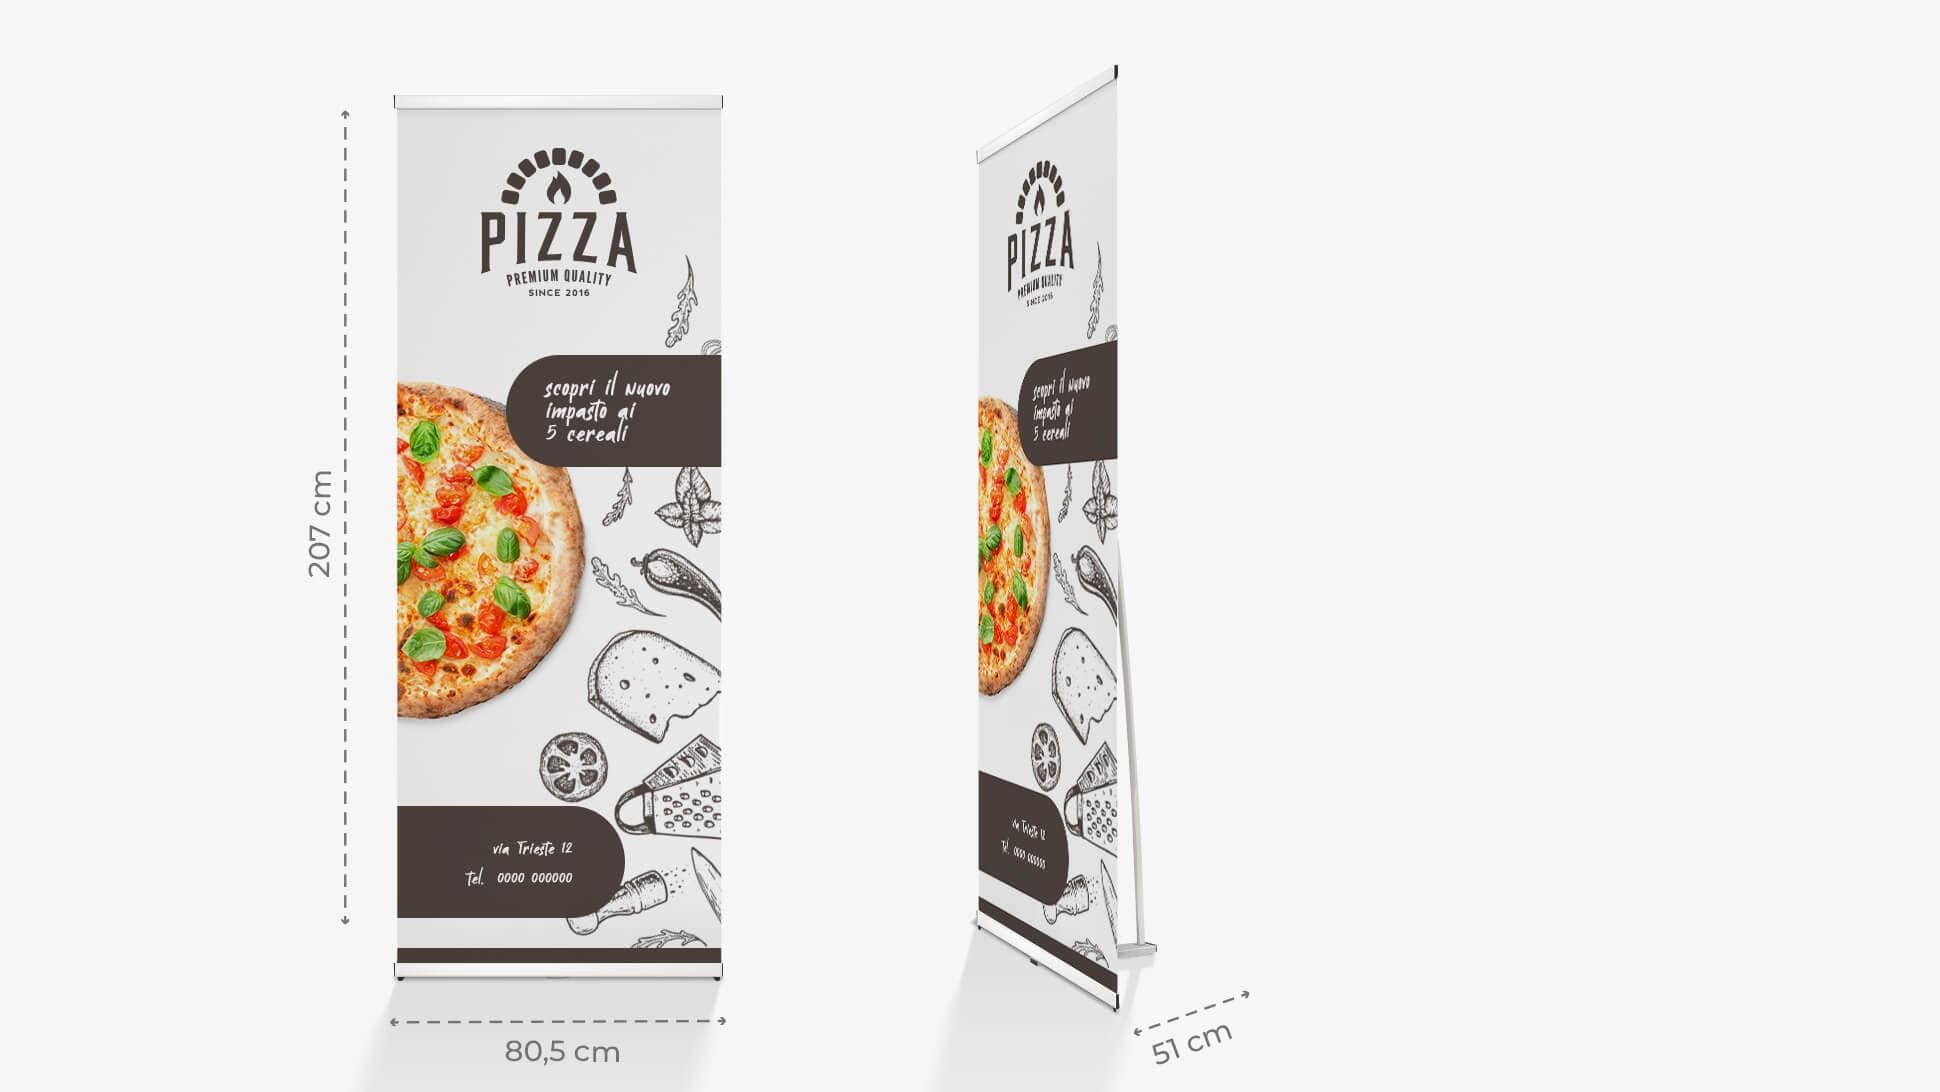 Roll Up Mitico con grafica pizzeria | tictac.it